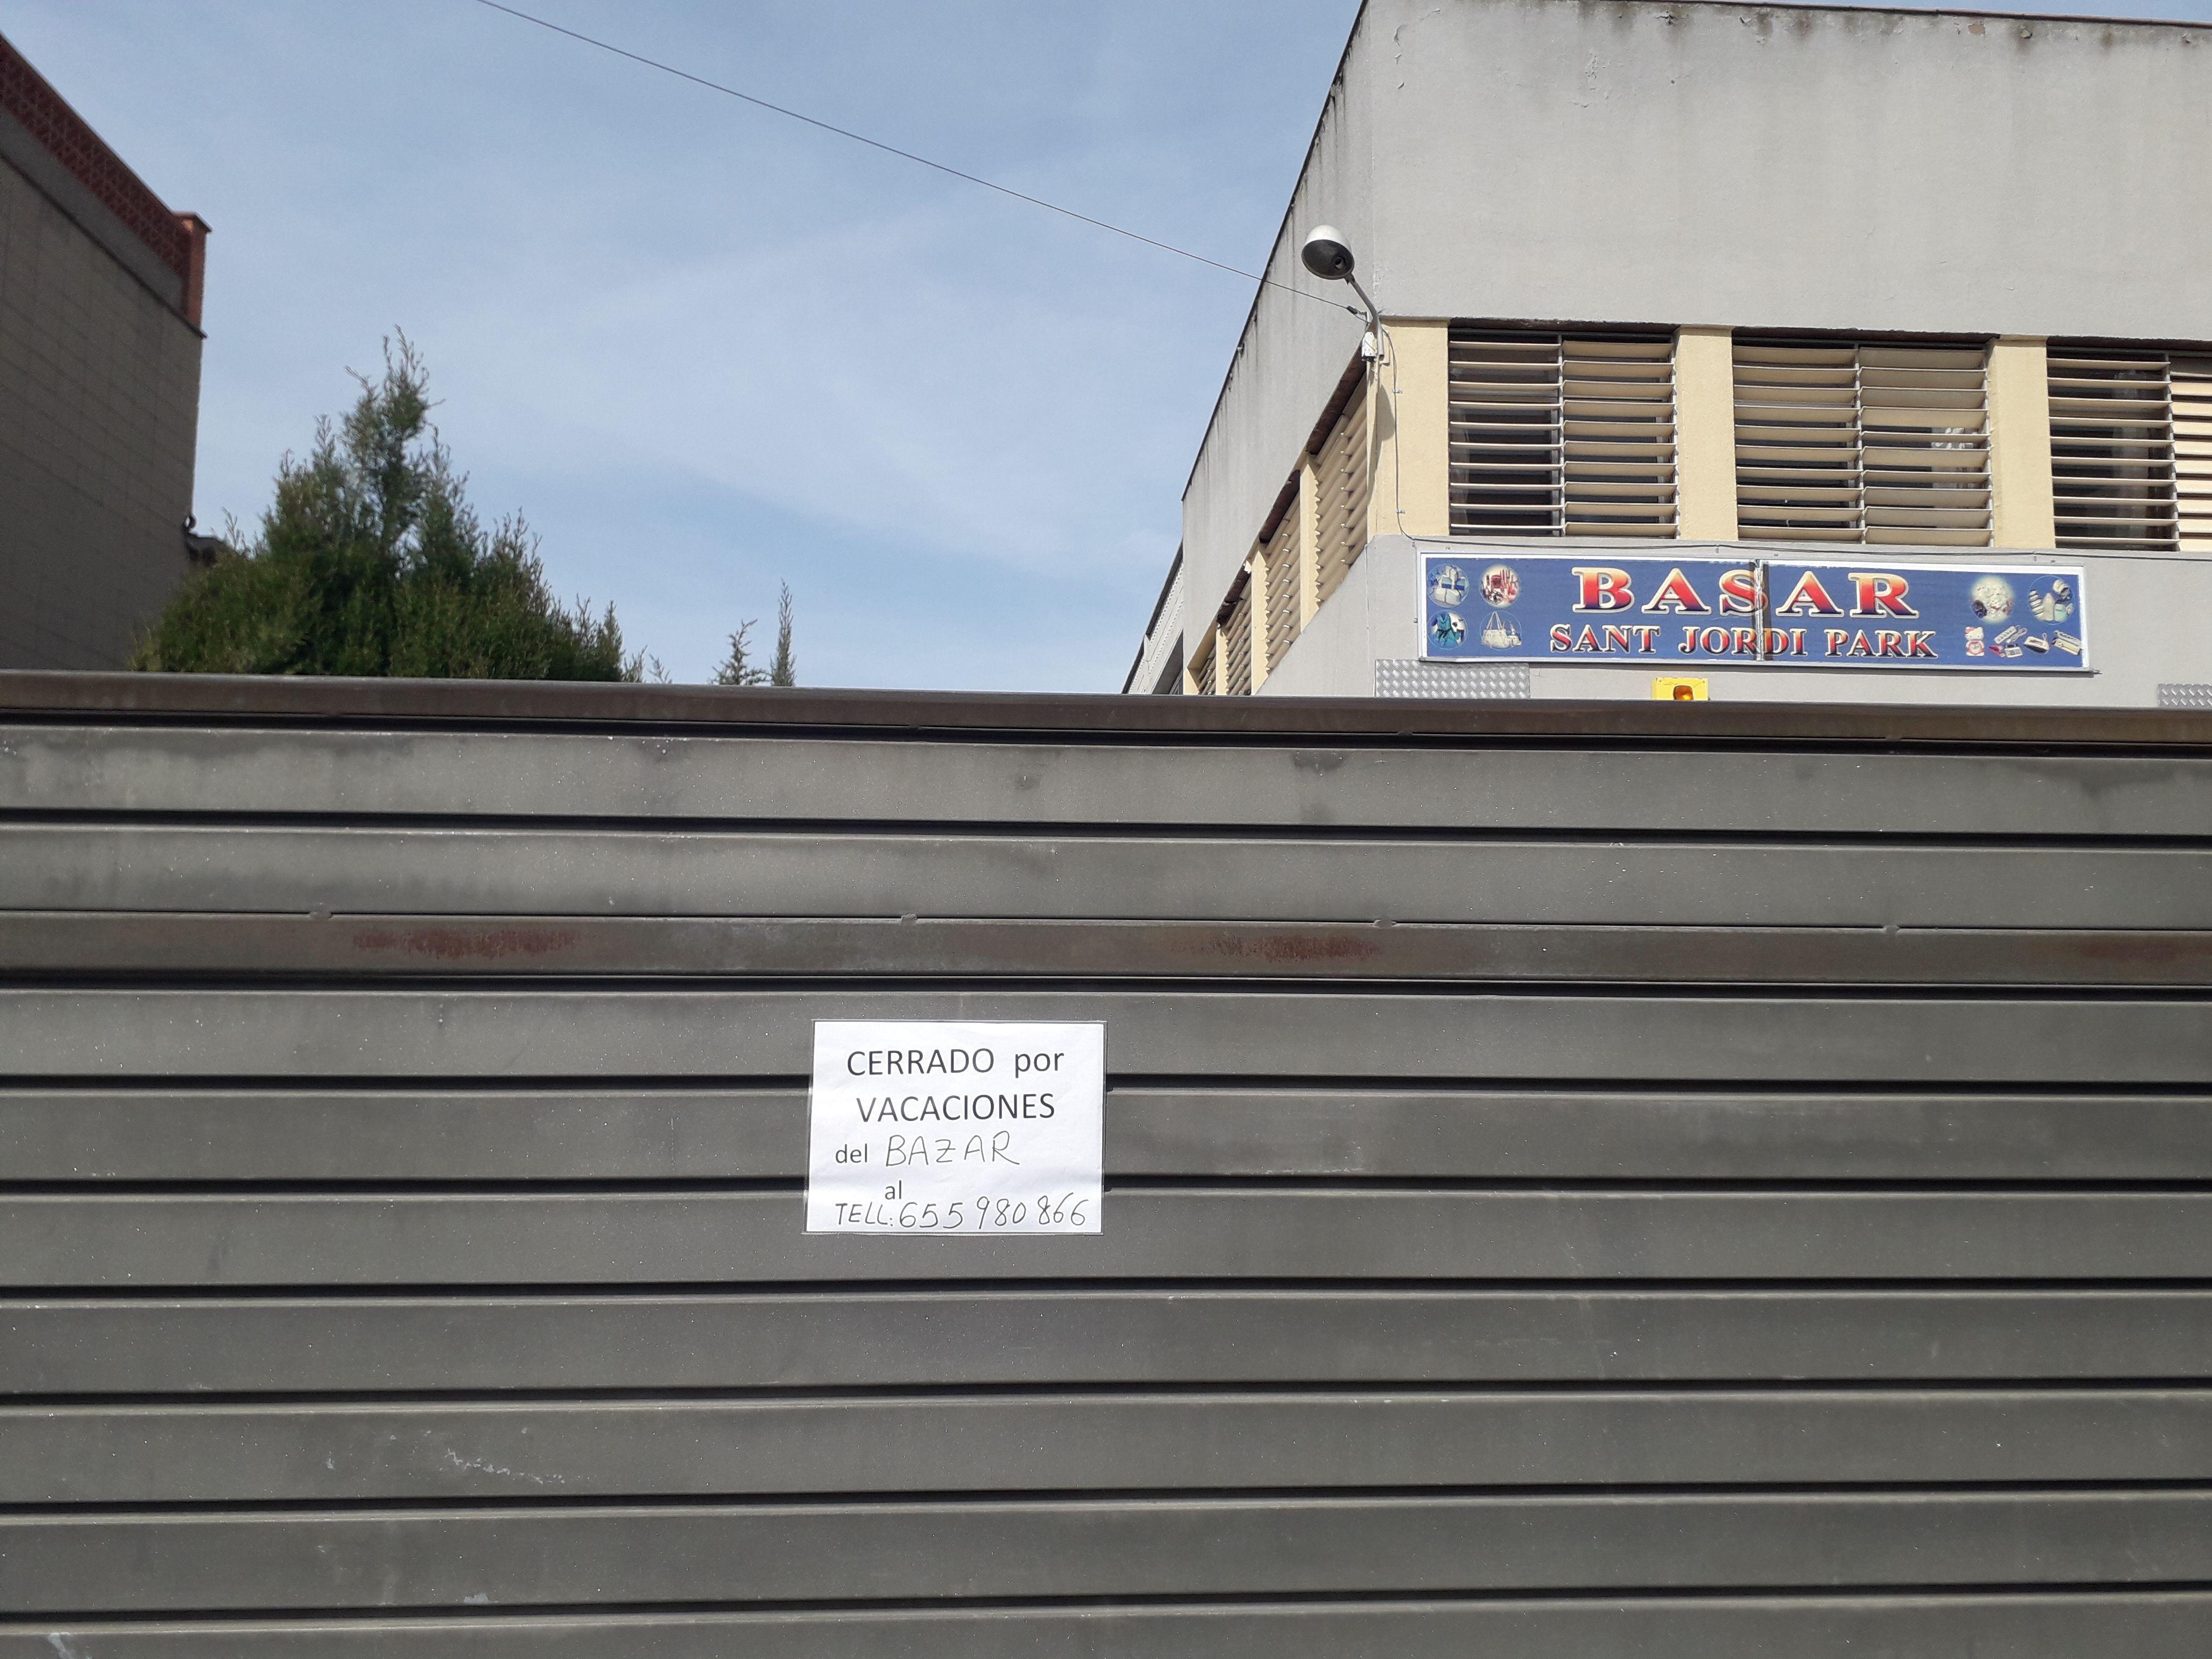 Els basars xinesos van ser els primers comerços que van tancar a la ciutat. FOTO: NHS